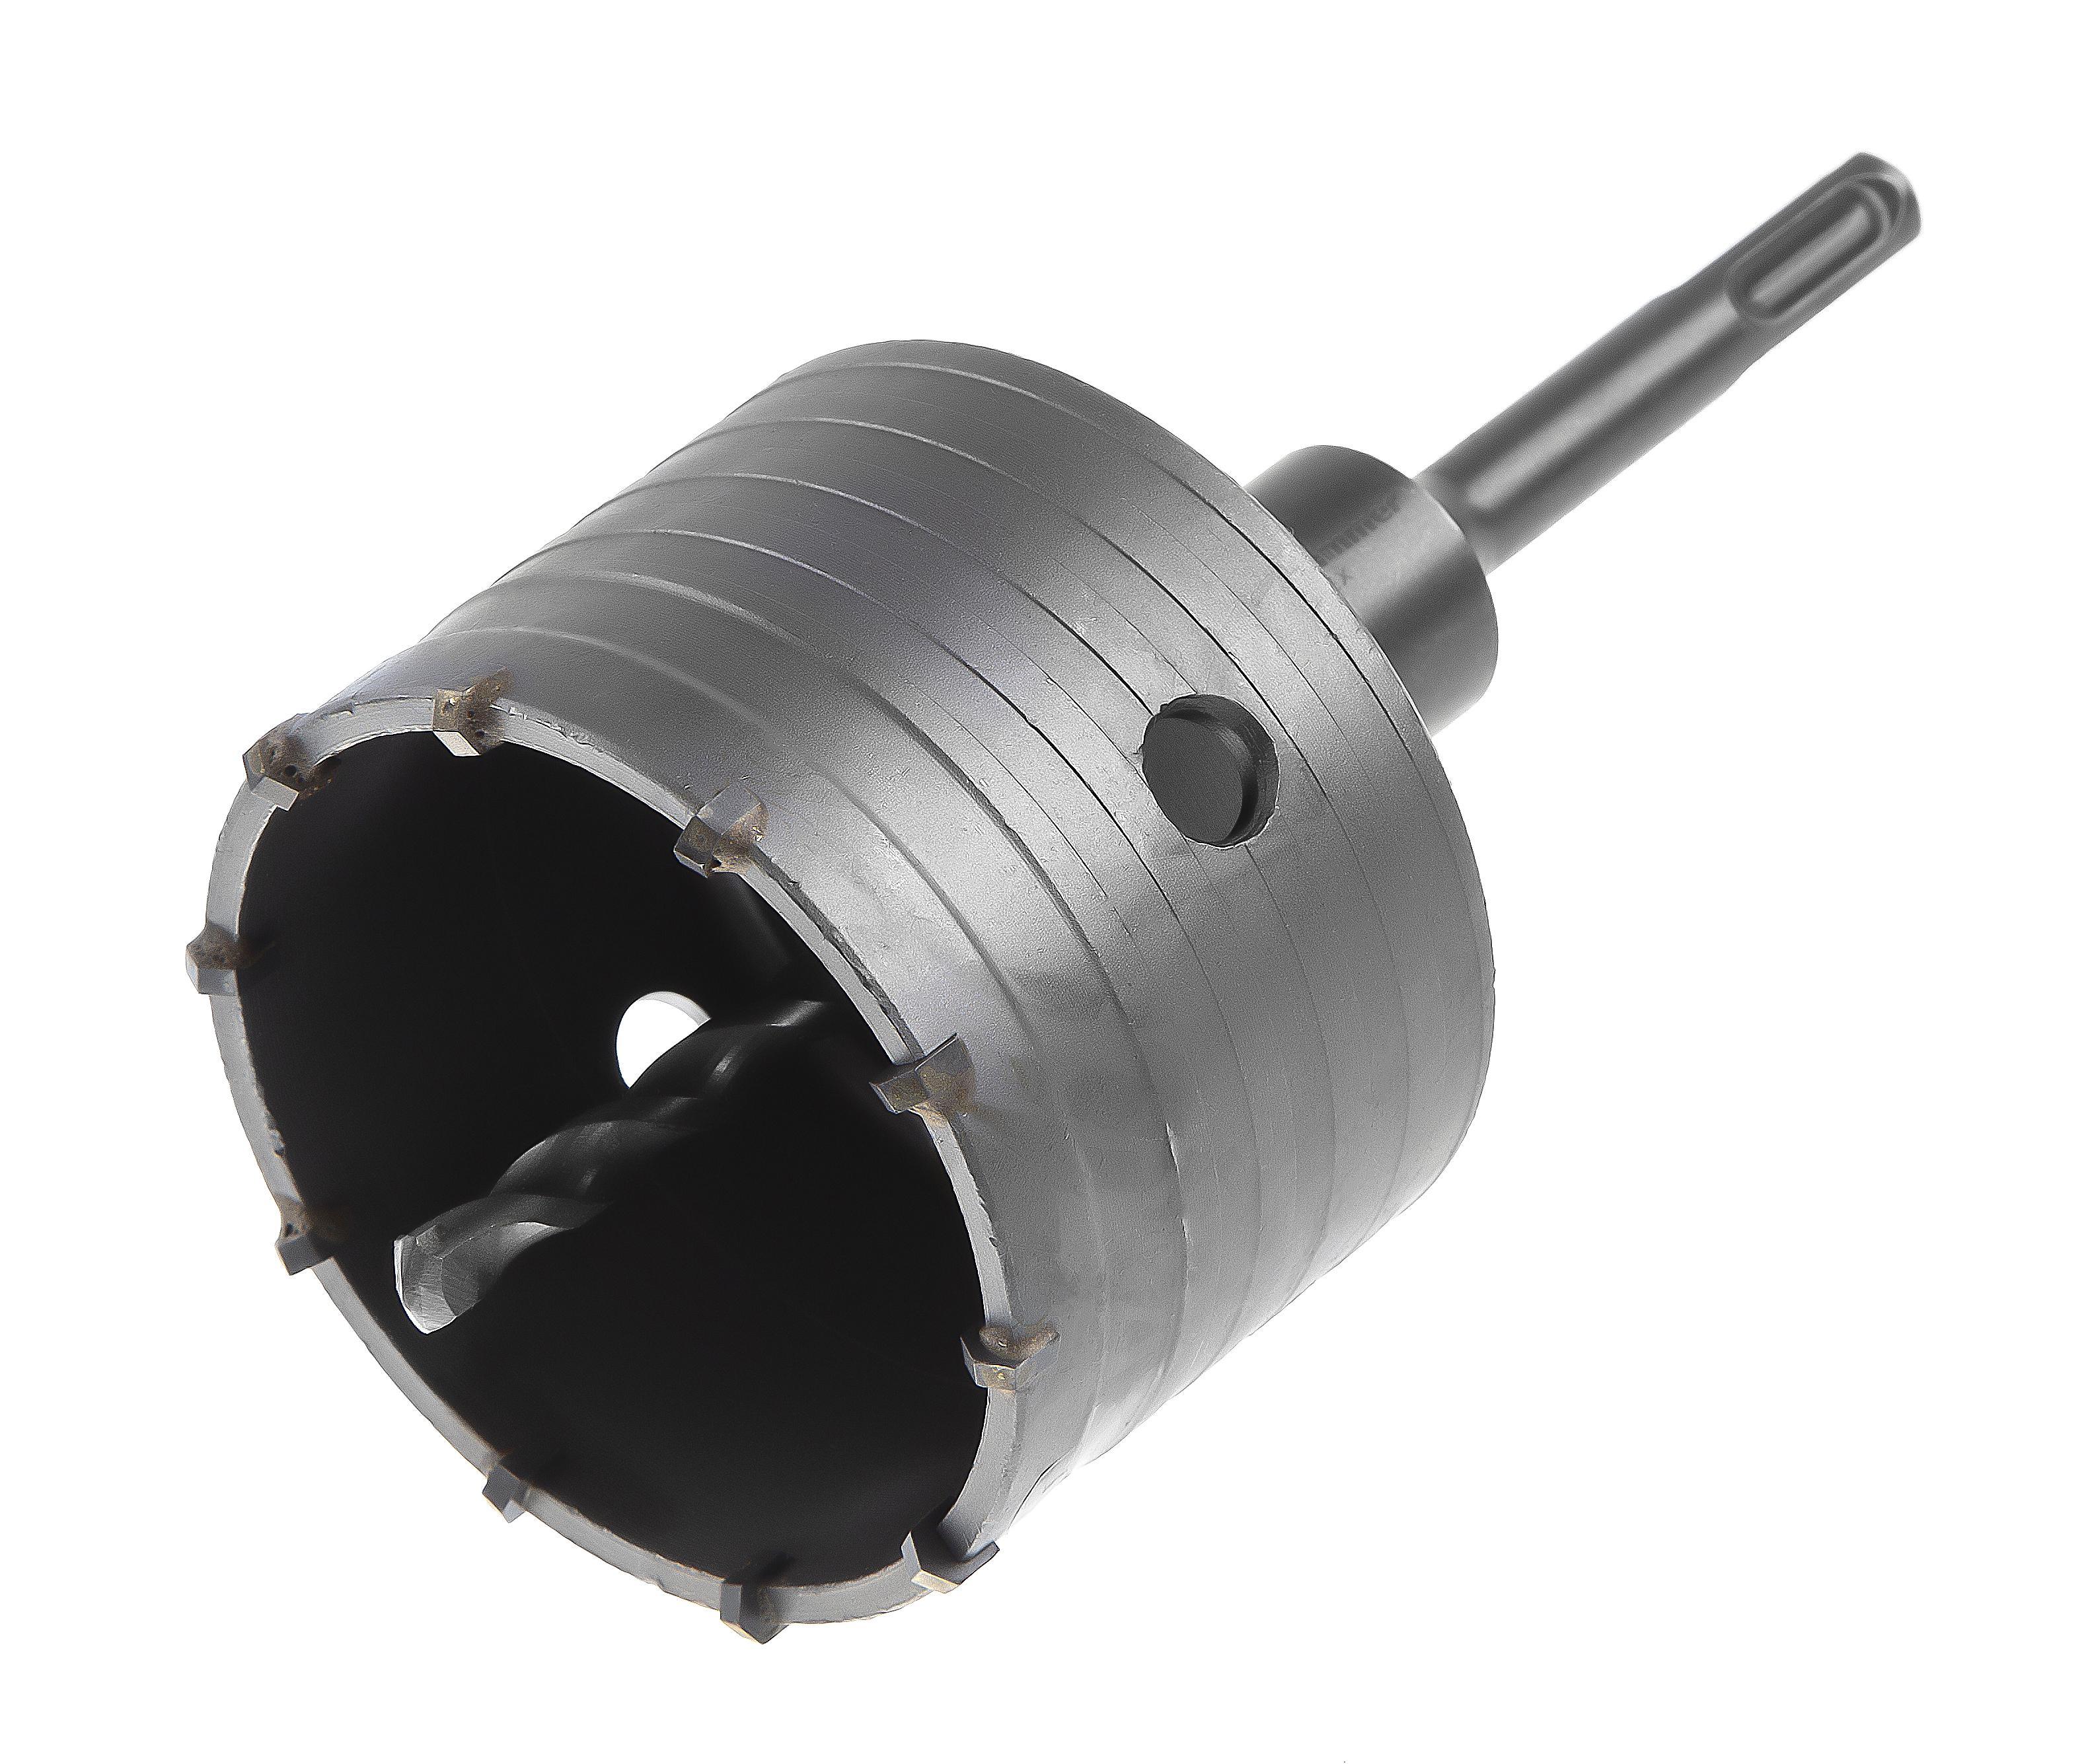 Коронка твердосплавная Hammer Ф82мм sds+ (dc hd 82mm ТВС + переходник sds+)